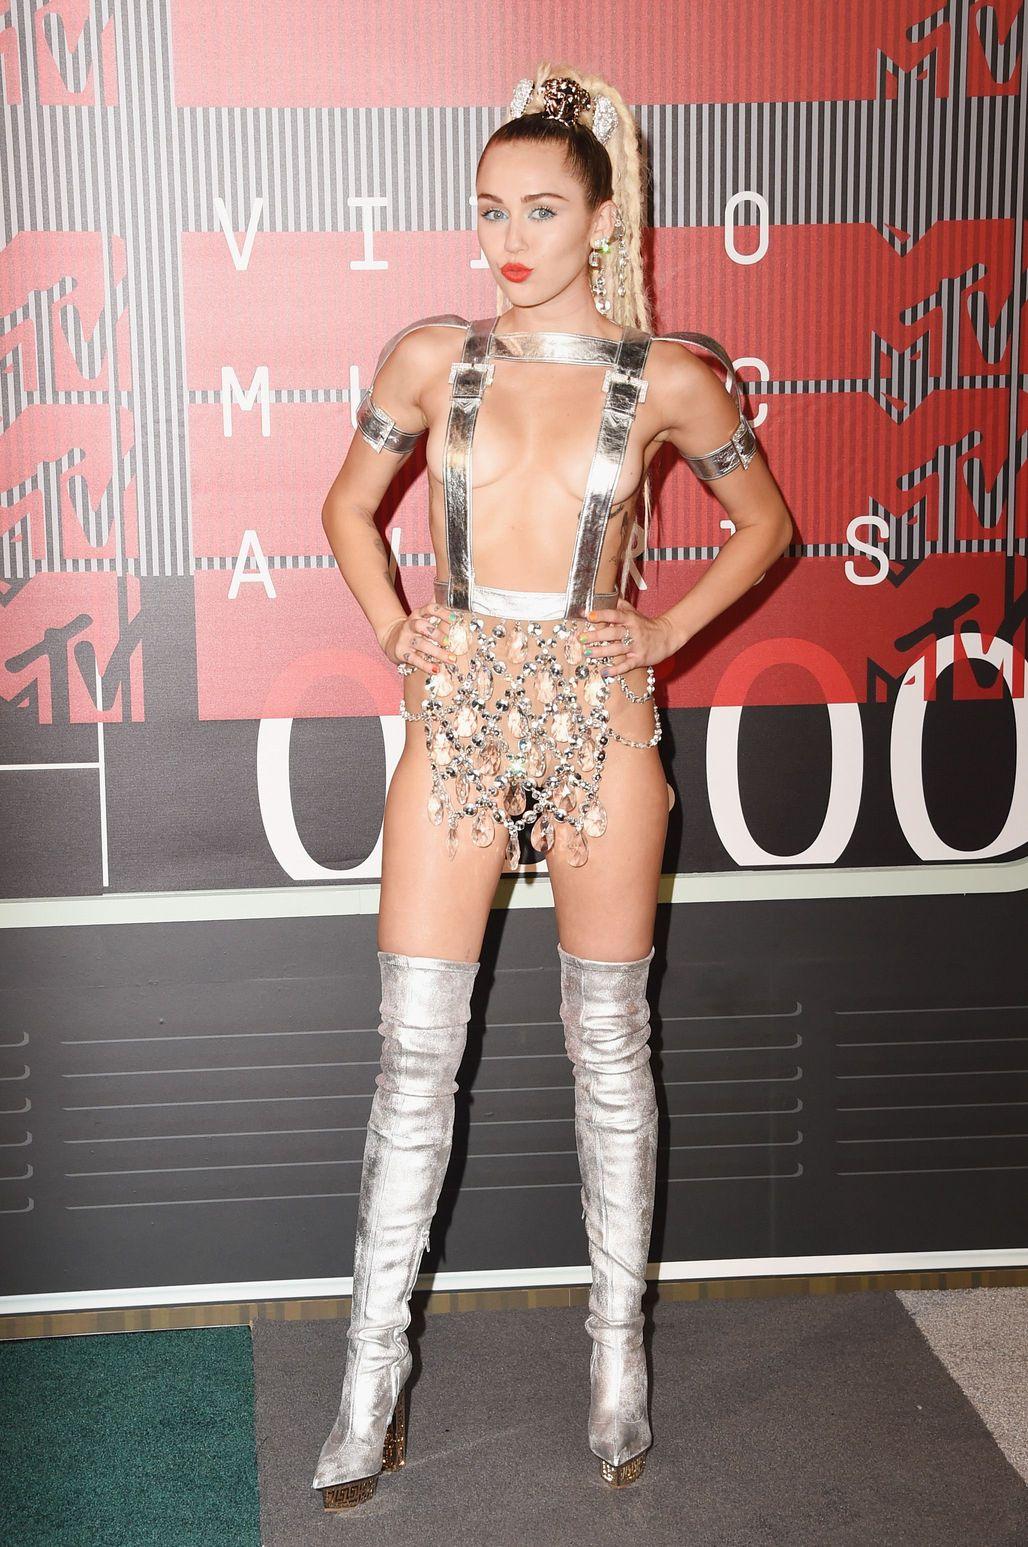 Miley-Cyrus-Sexy-90